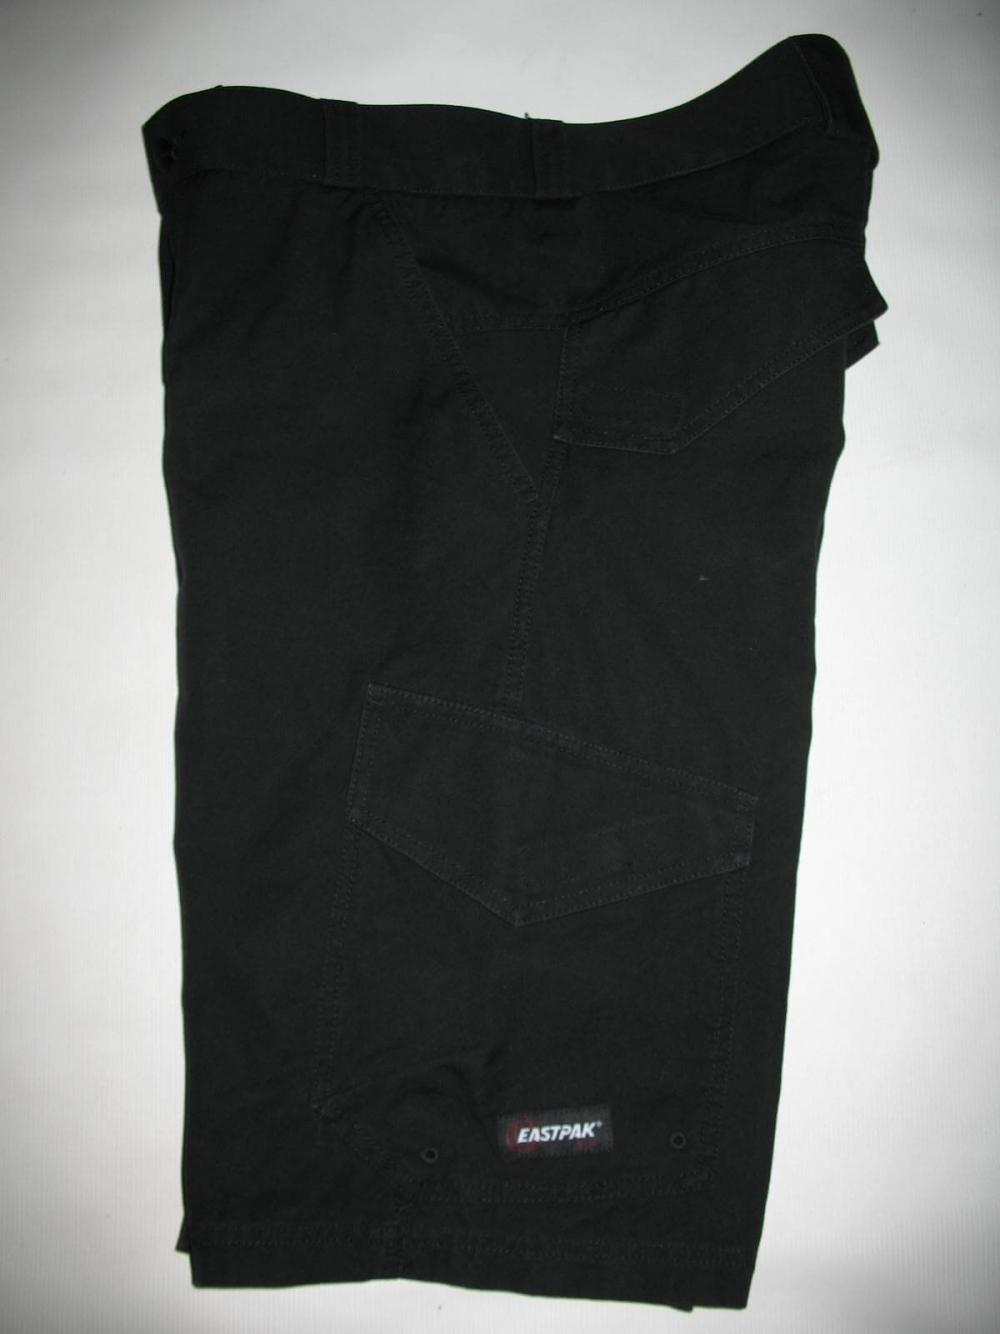 Шорты EASTPAK engel shorts (размер M) - 4